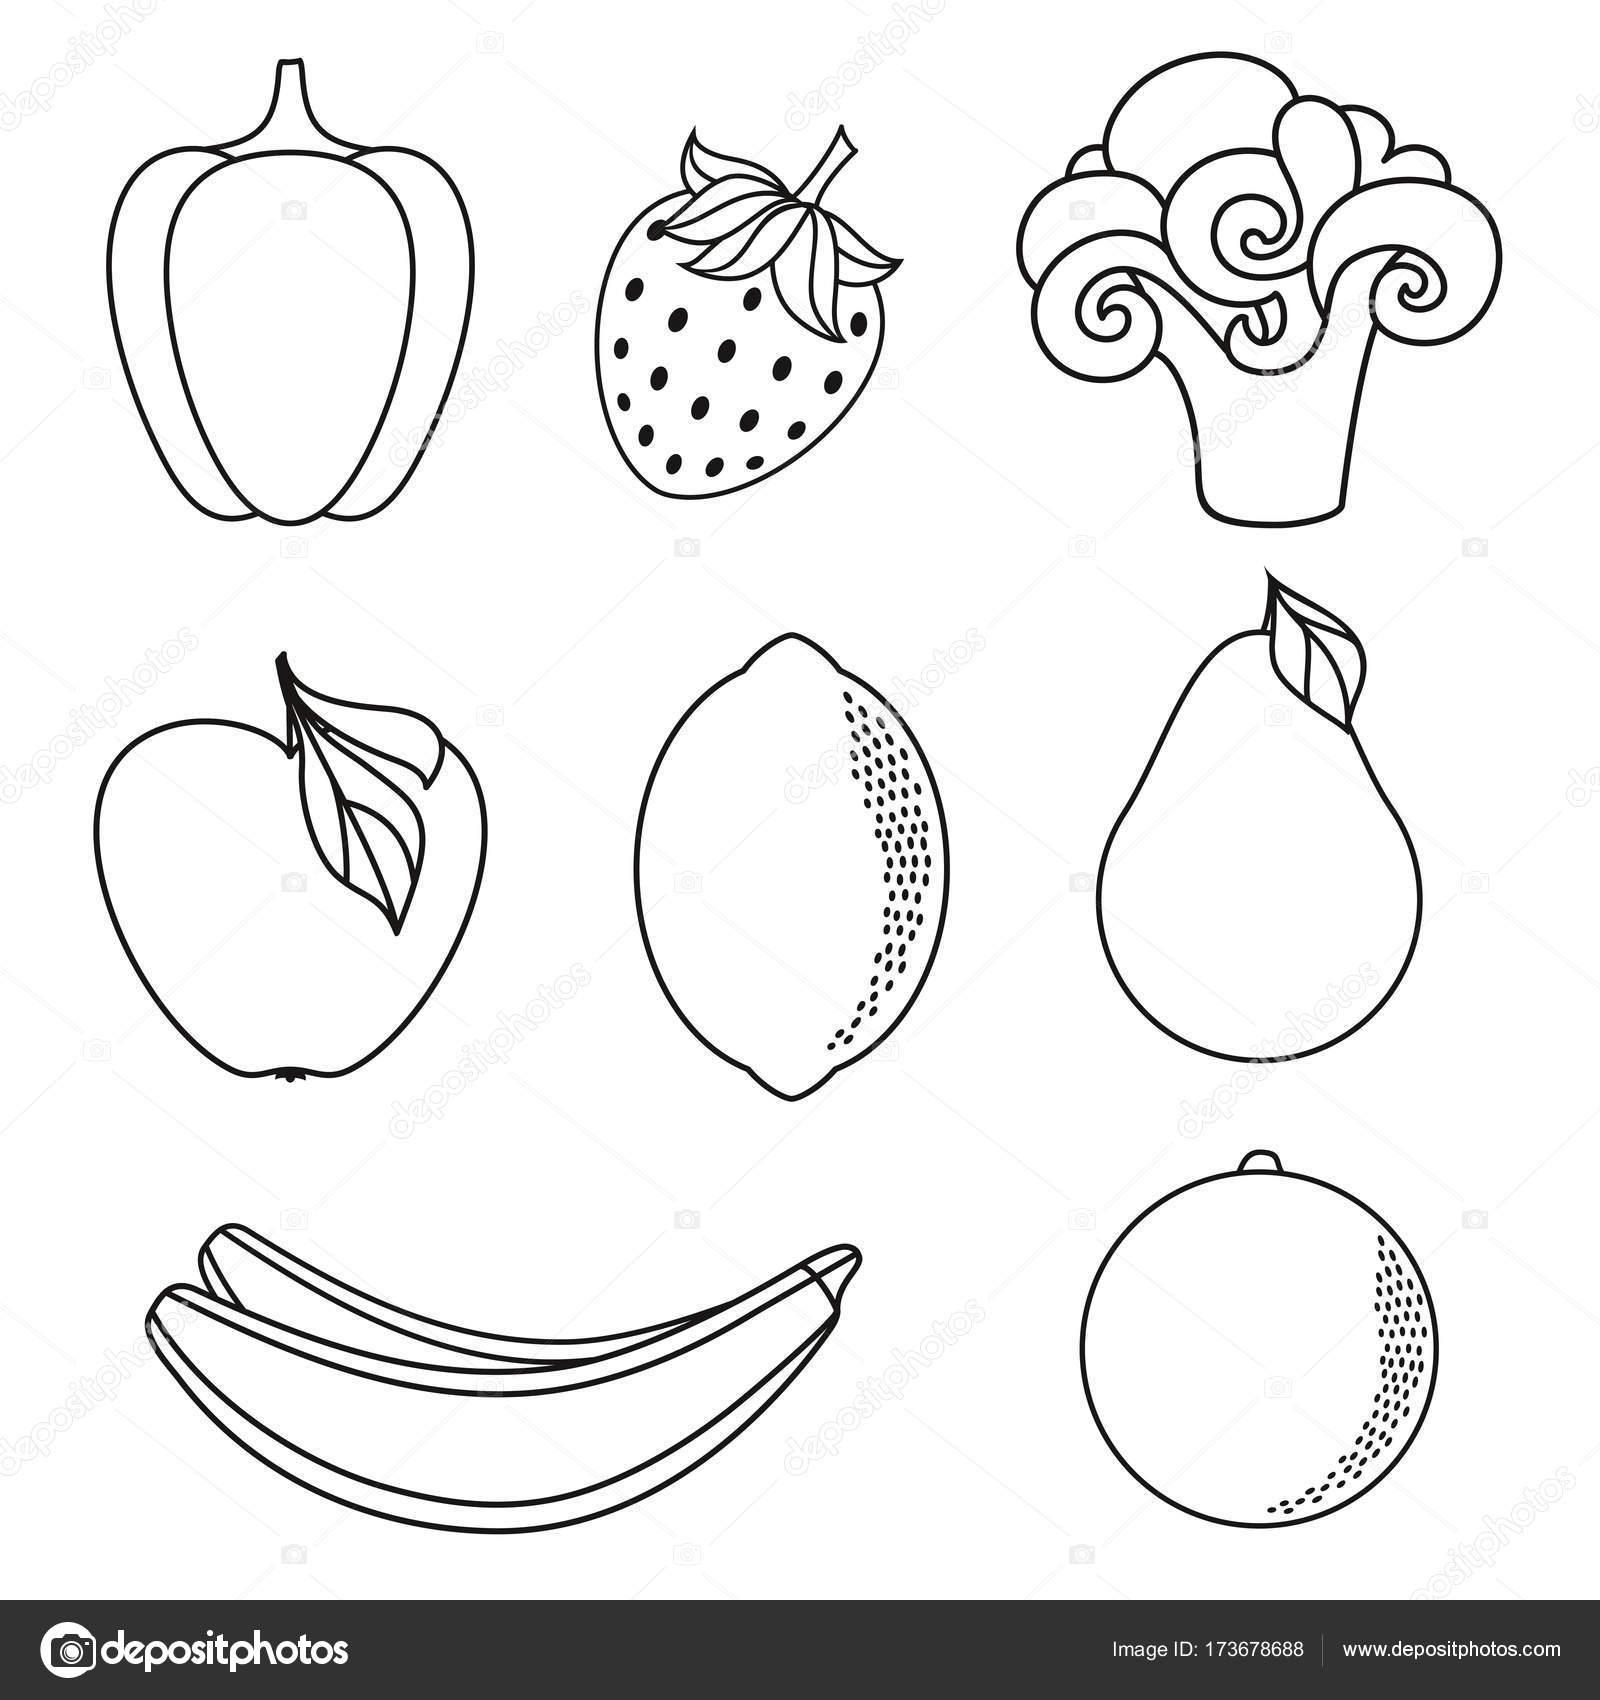 Dibujos Dibujo De Frutas Y Verduras Para Colorear Vector